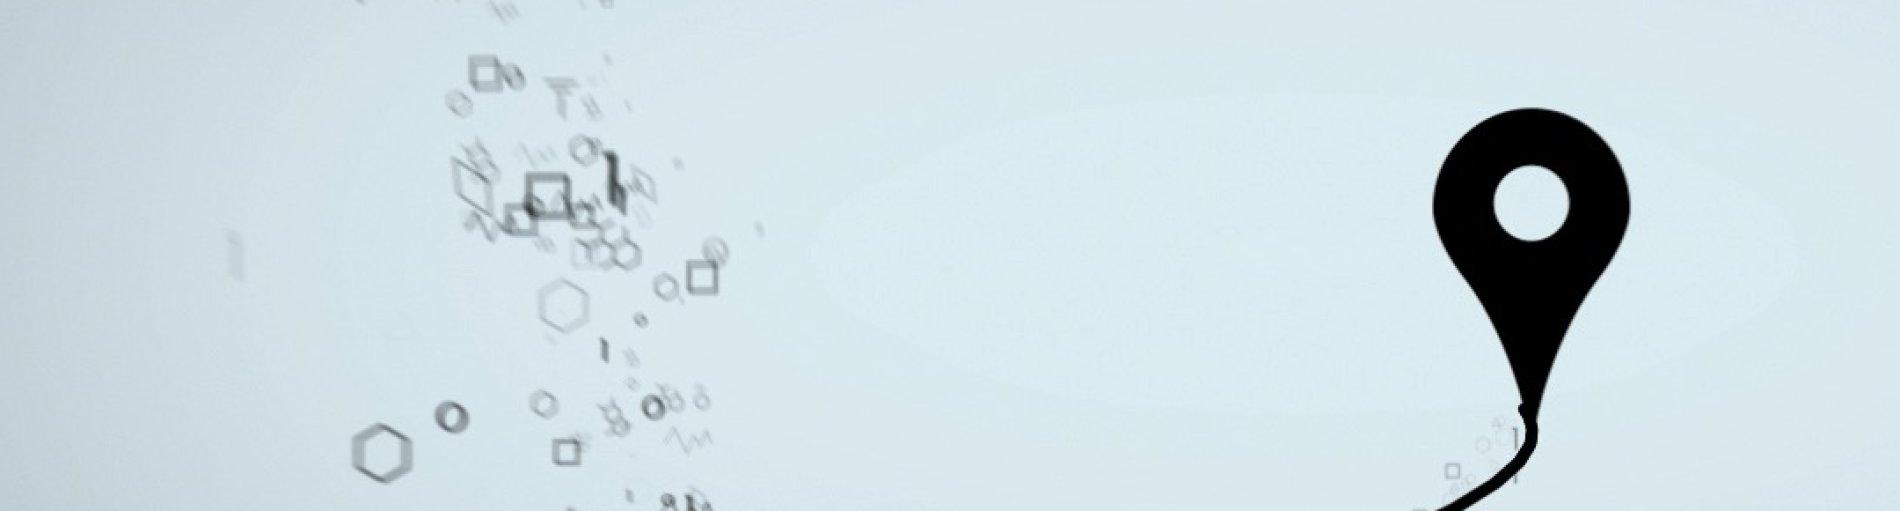 Ein Standortsymbol auf grauen Hintergrund.